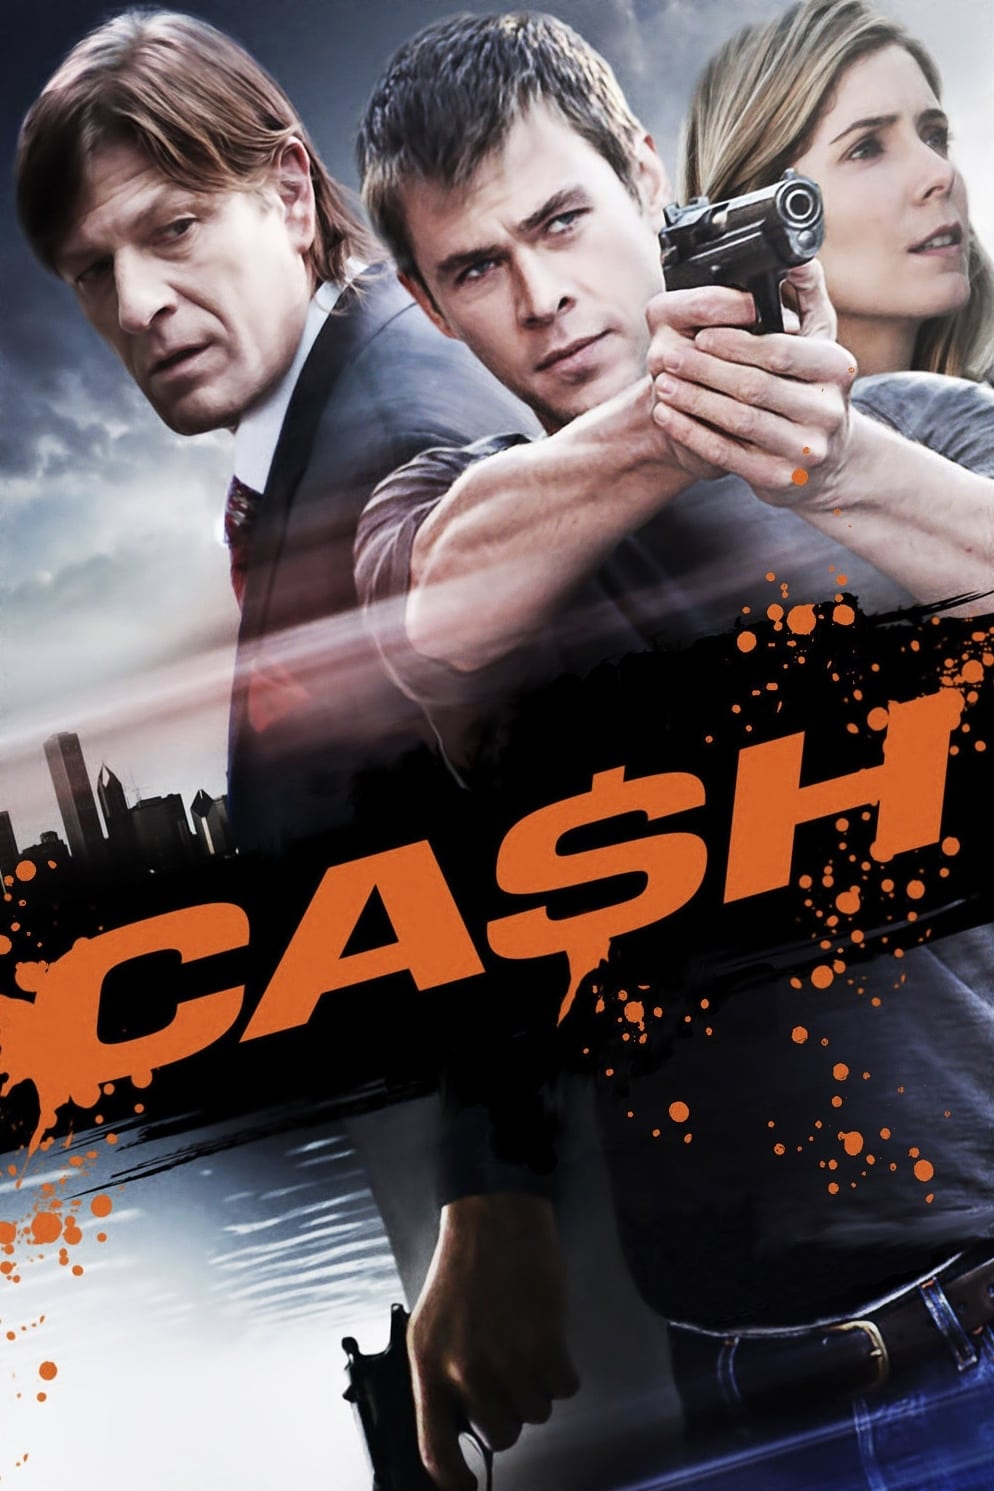 Ca$h (2010)